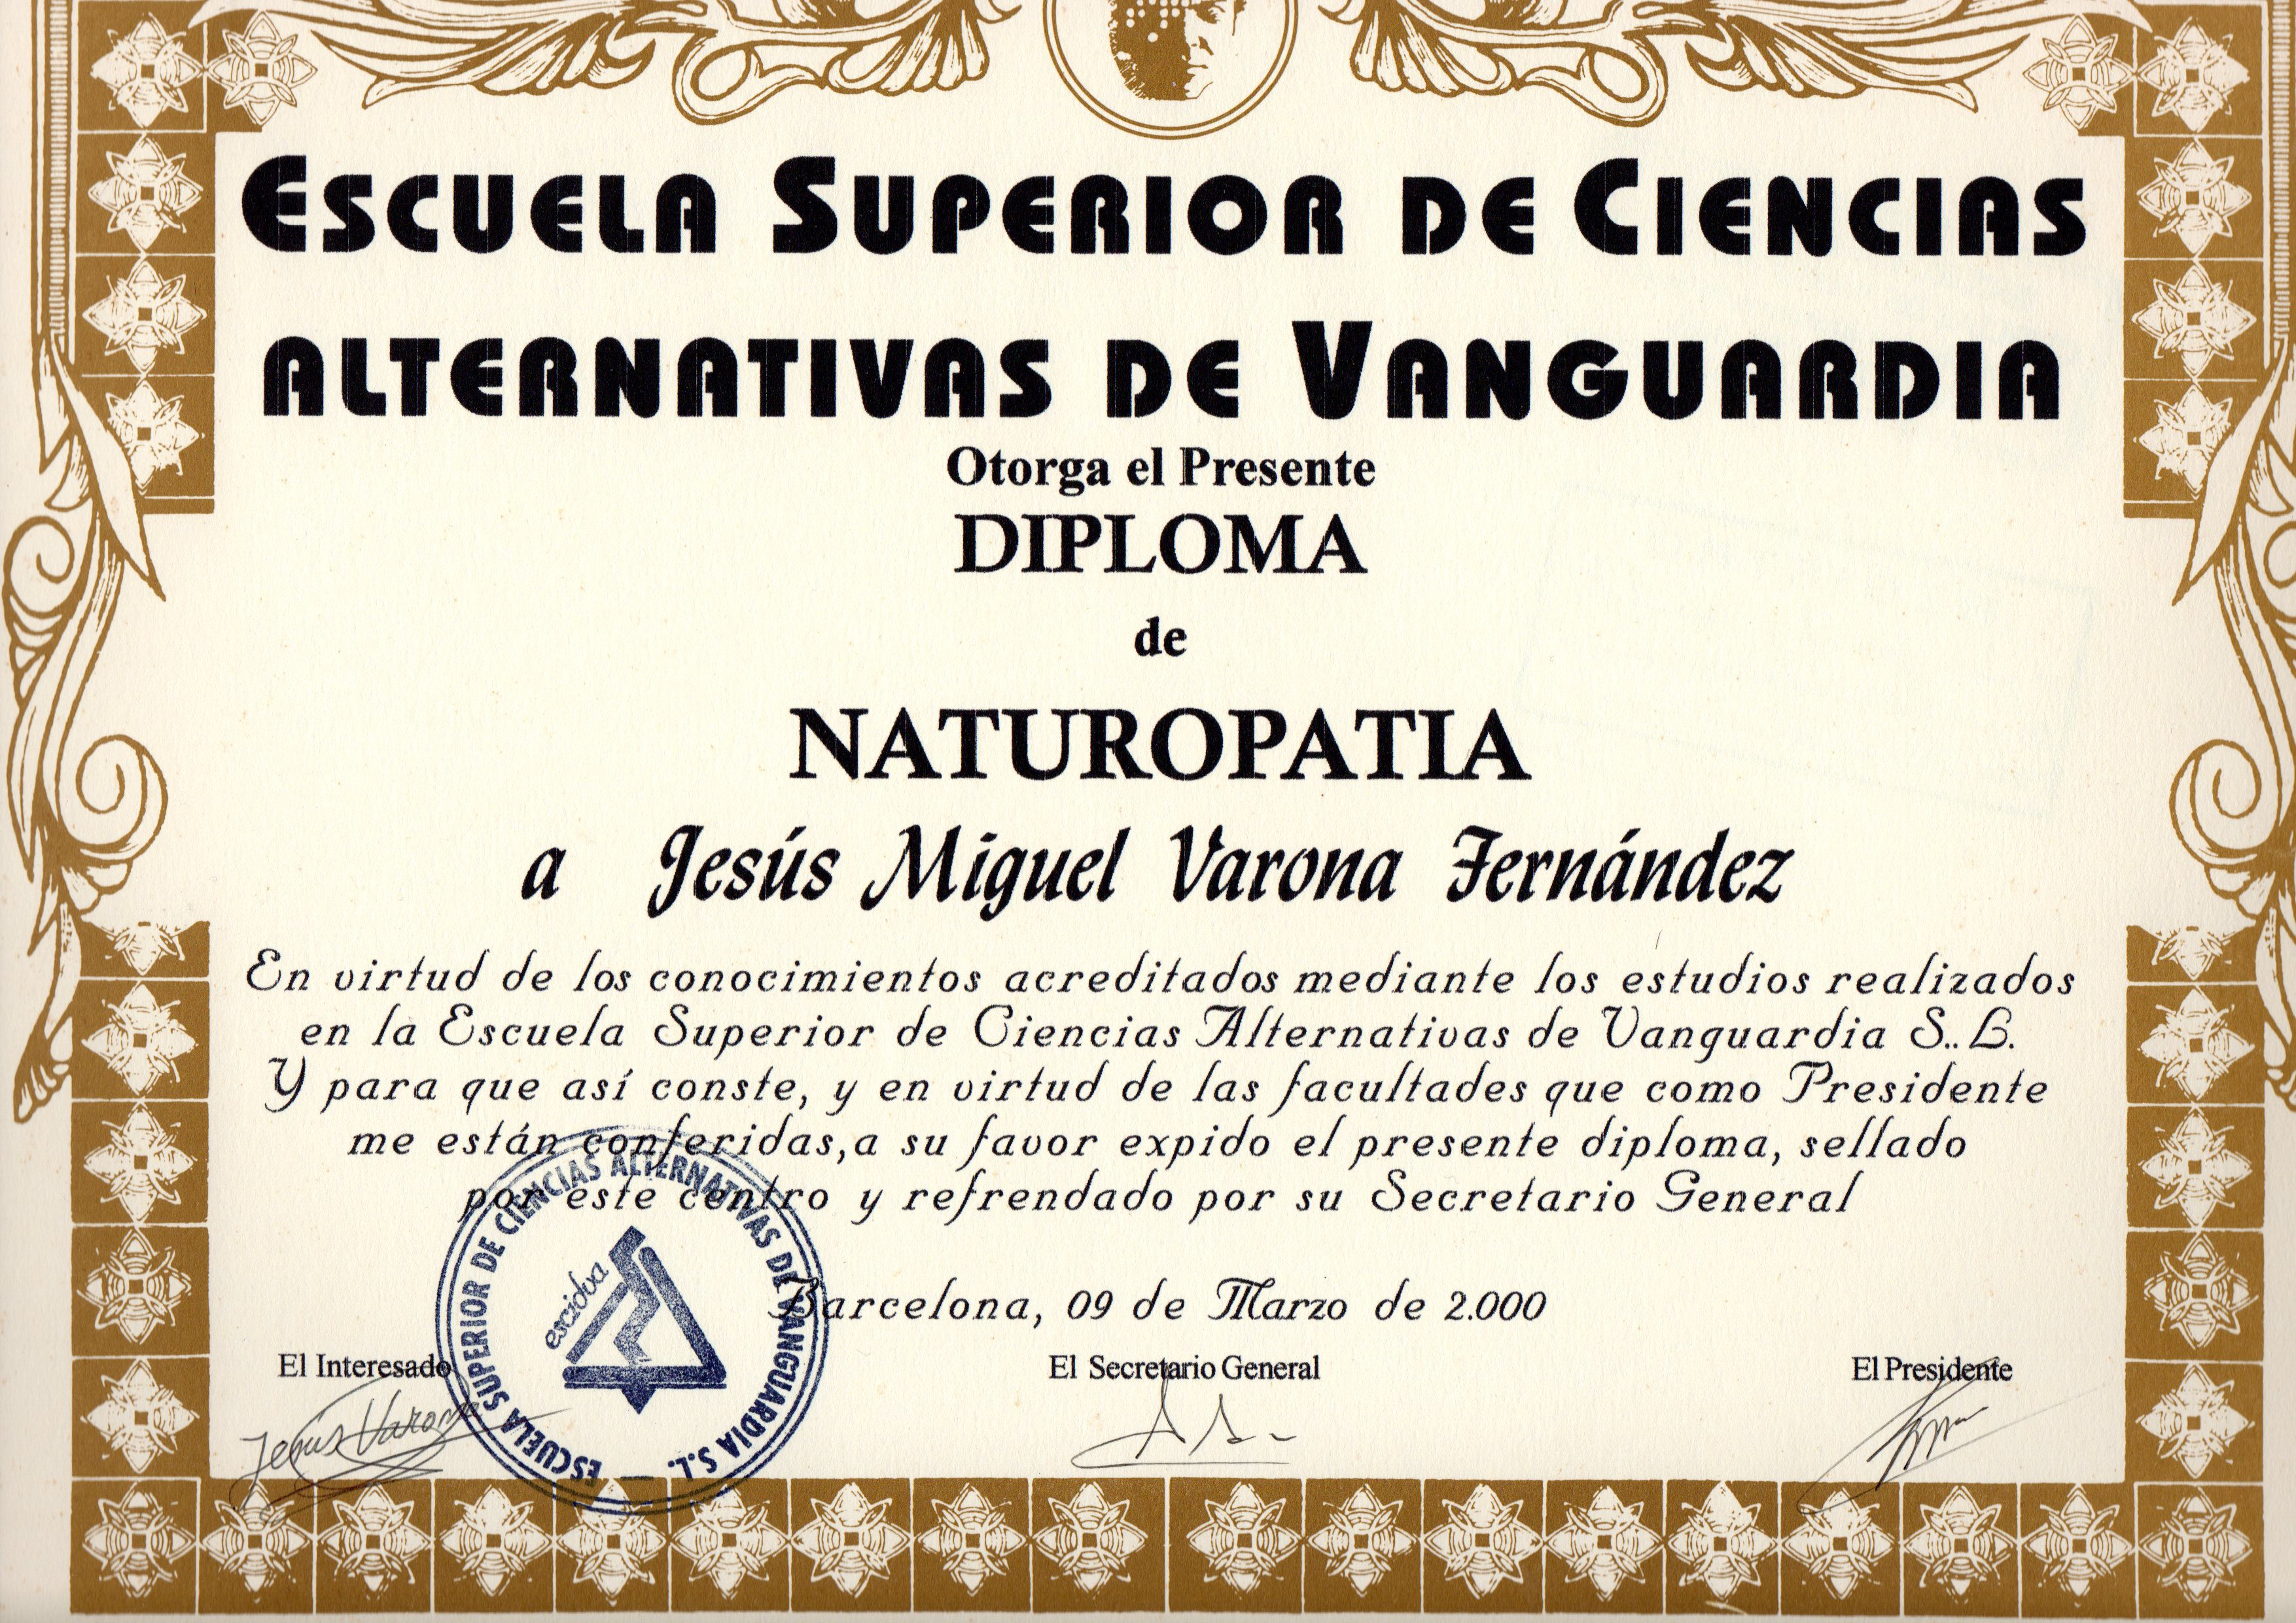 DIPLOMA DE NATUROPATA